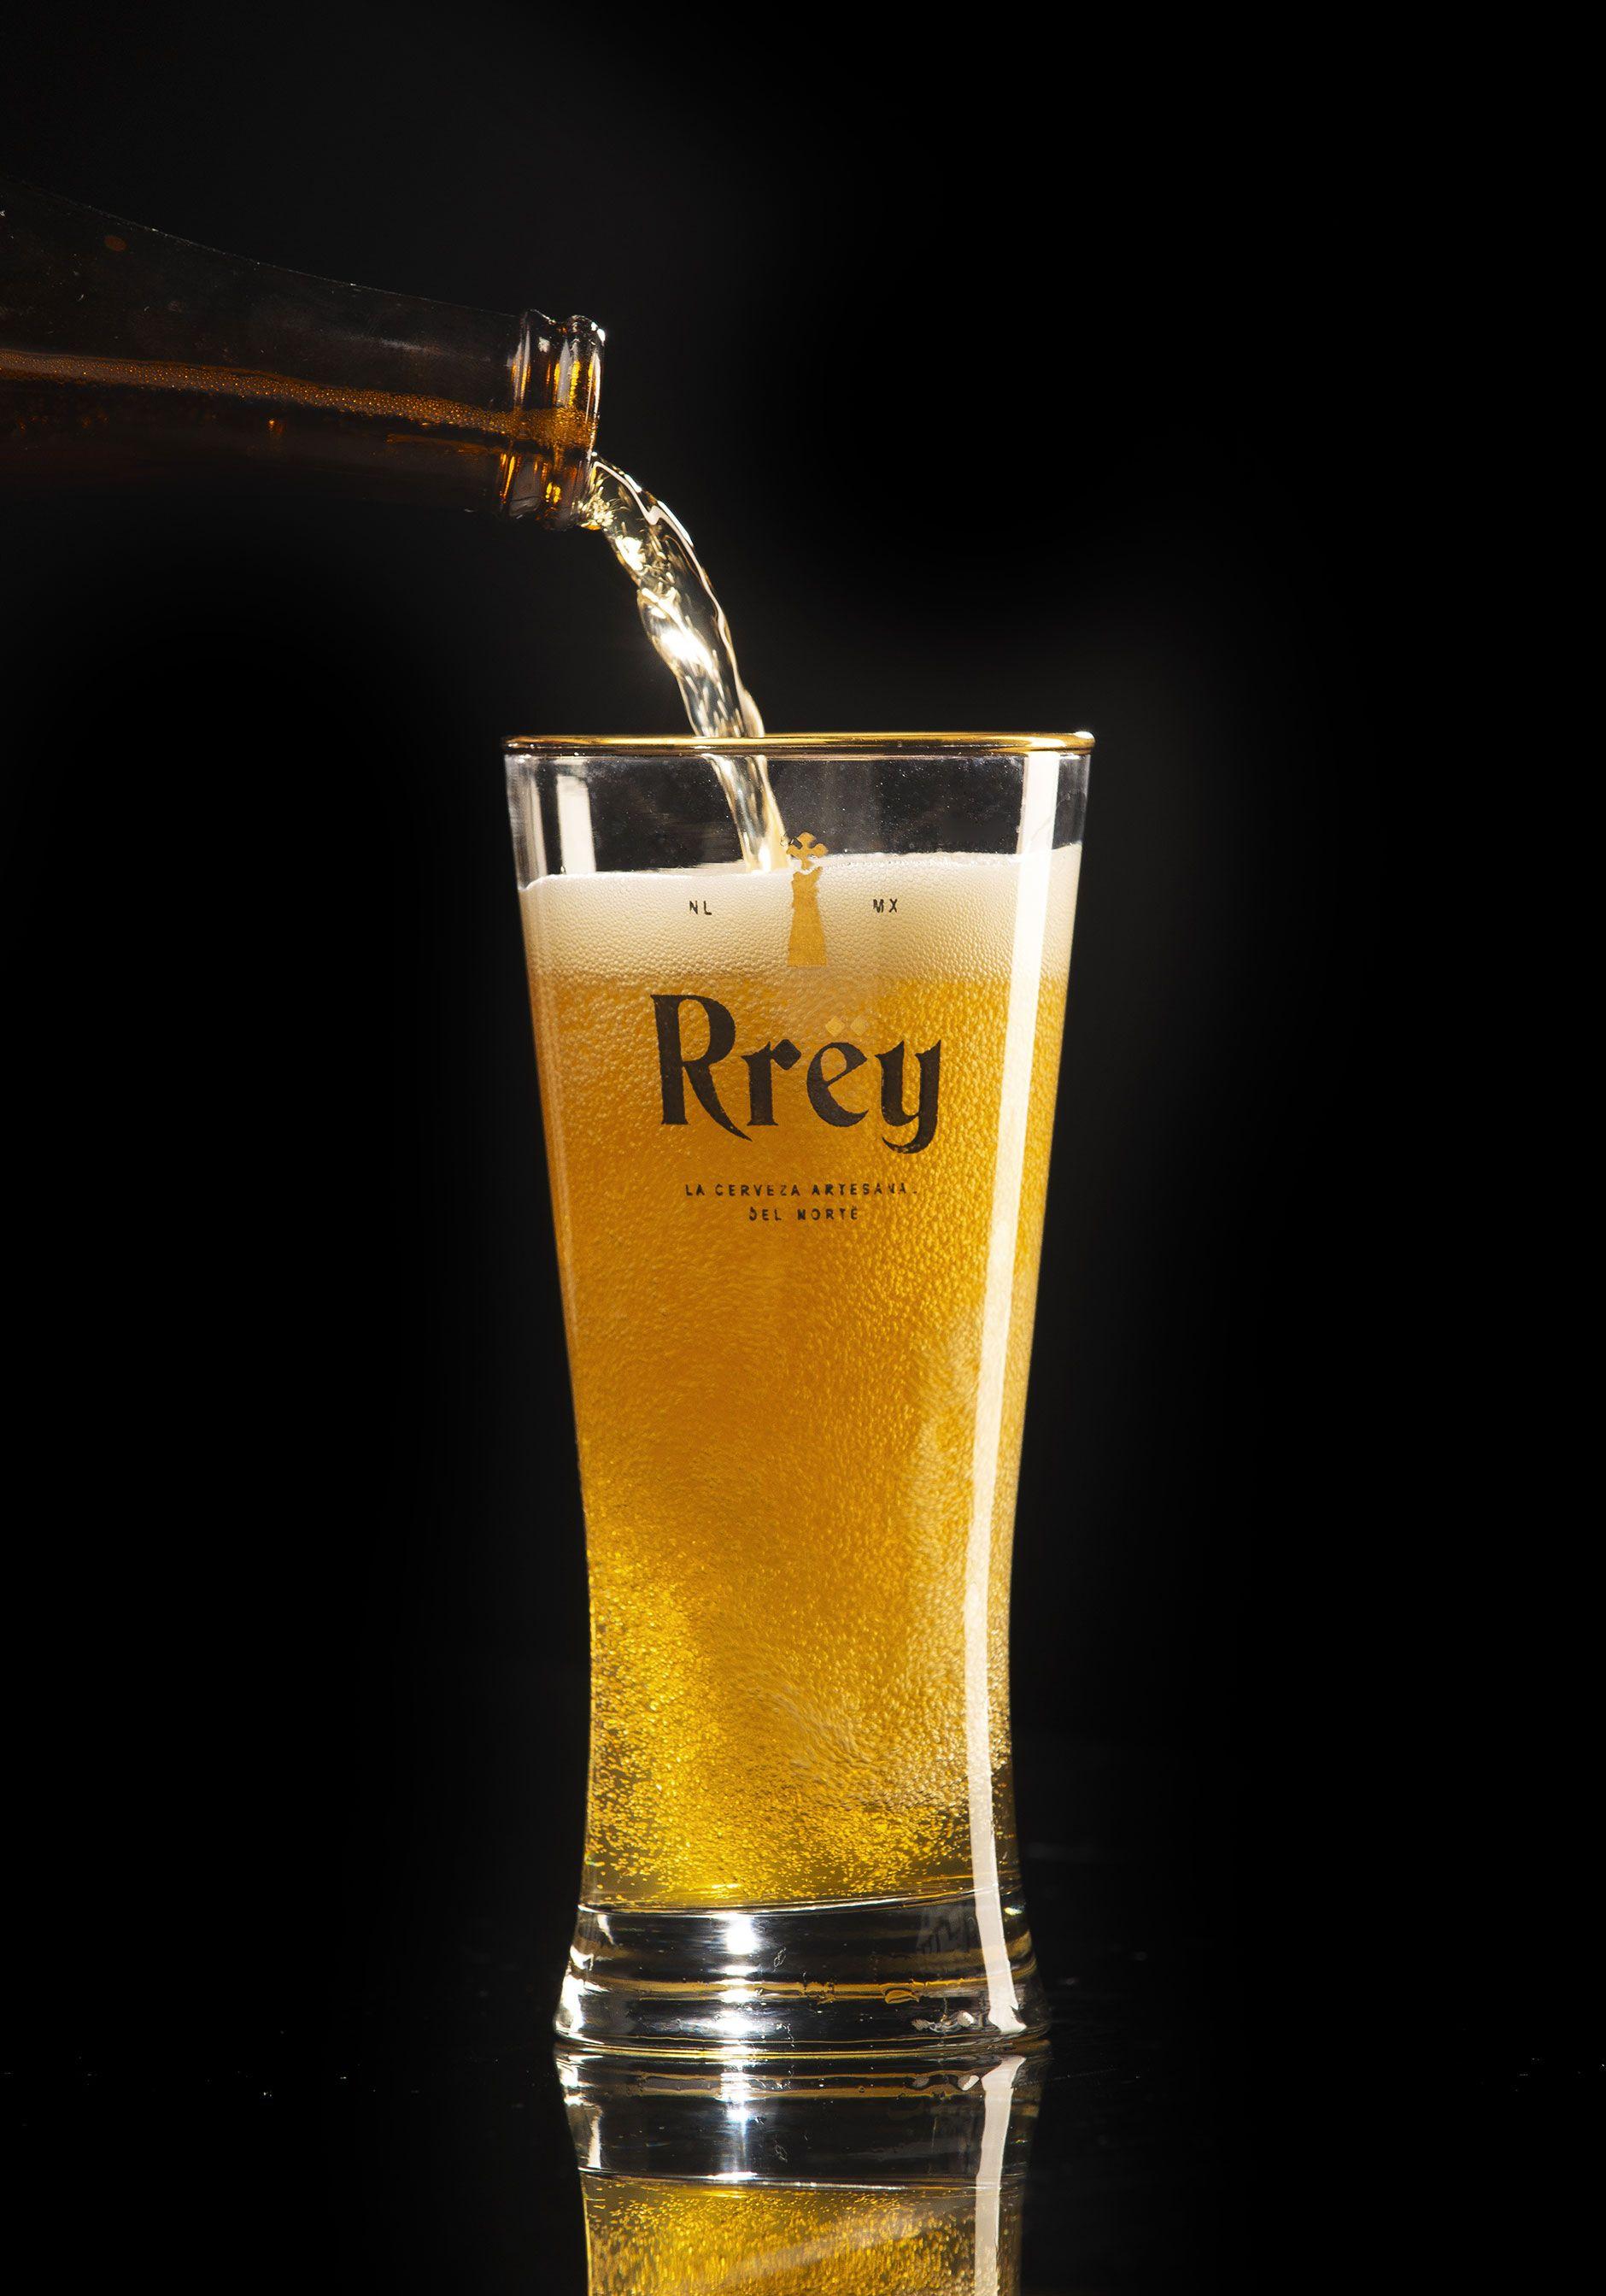 Rrey Mexican Beer Glass Branding